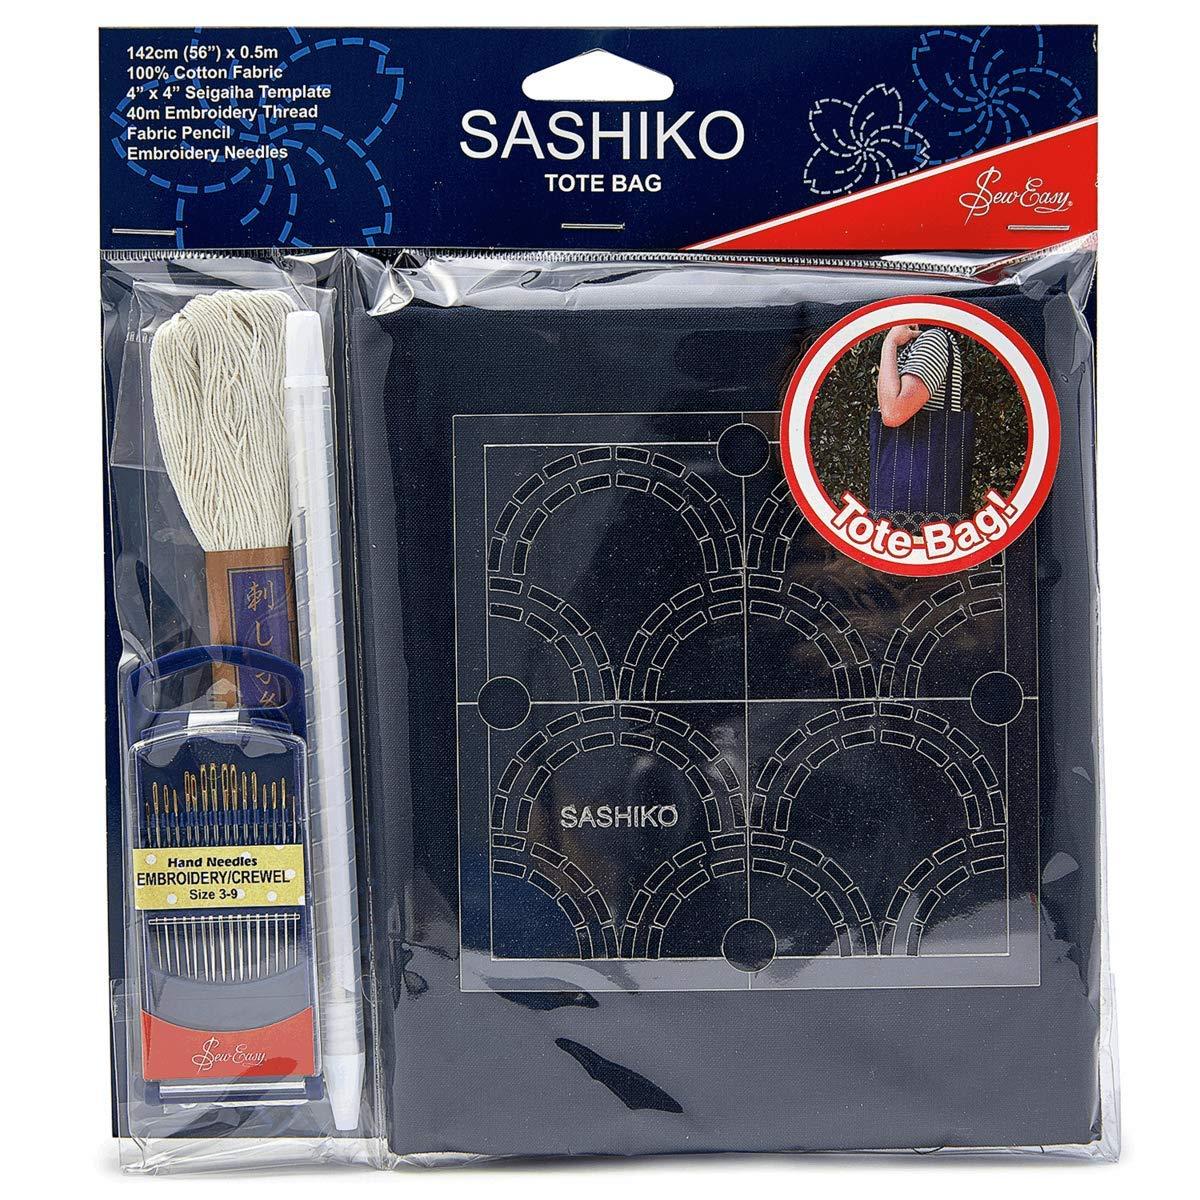 Comprend Tout Pour Rendre Votre Propre Sac Fourre-Tout Coudre Facile Sashiko Diy Kit Sac Fourre-Tout